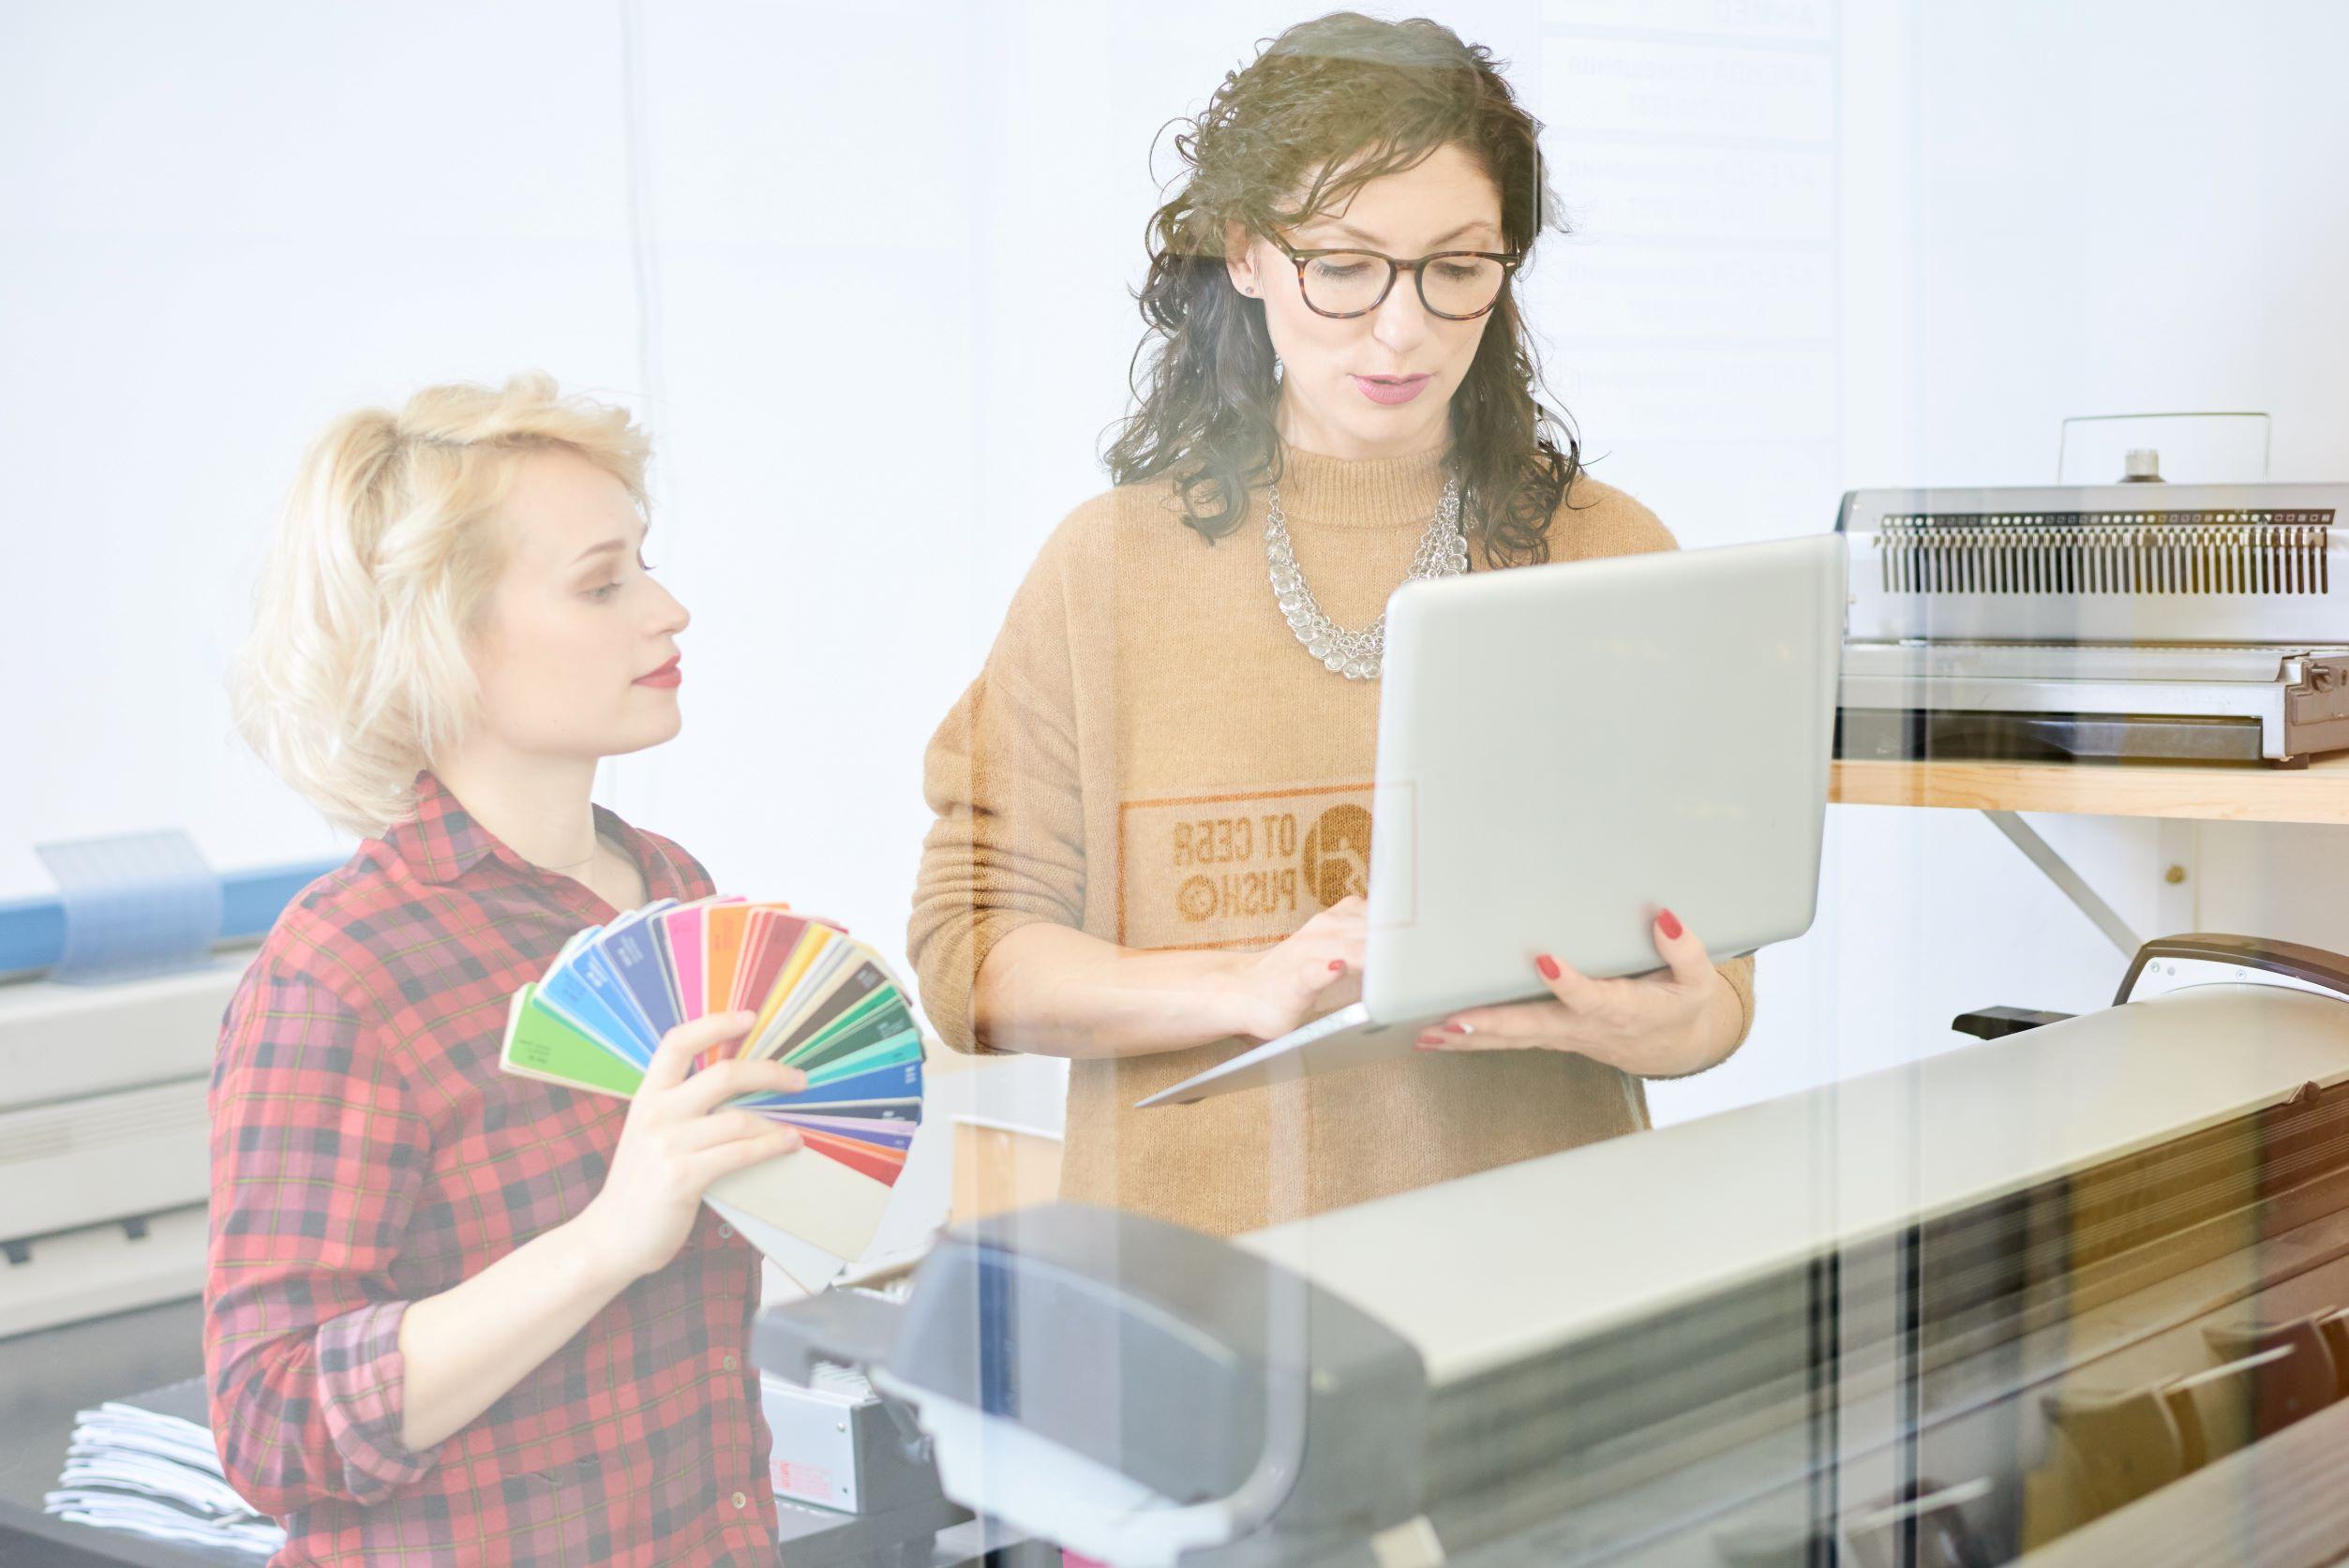 stampa digitale a san giorgio del sannio